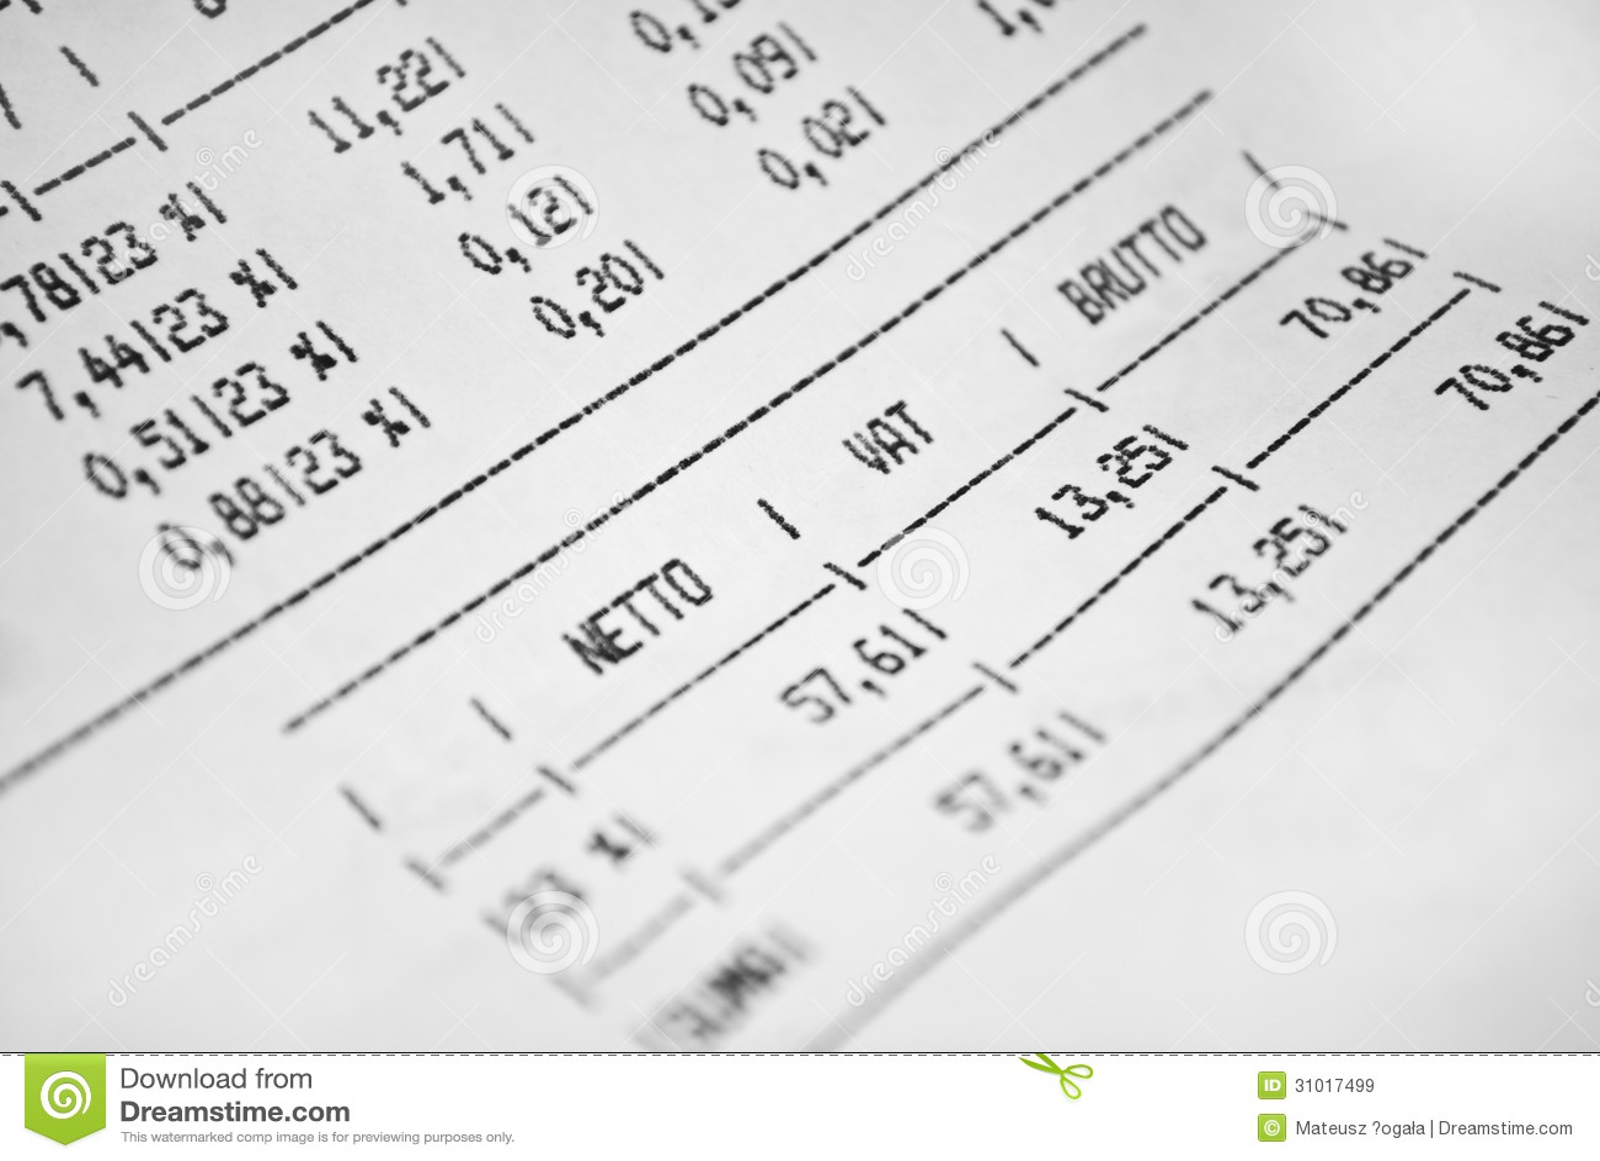 Rechnungsblatt Mit Preisen Und Steuer Stockbild - Bild von gesetz ...